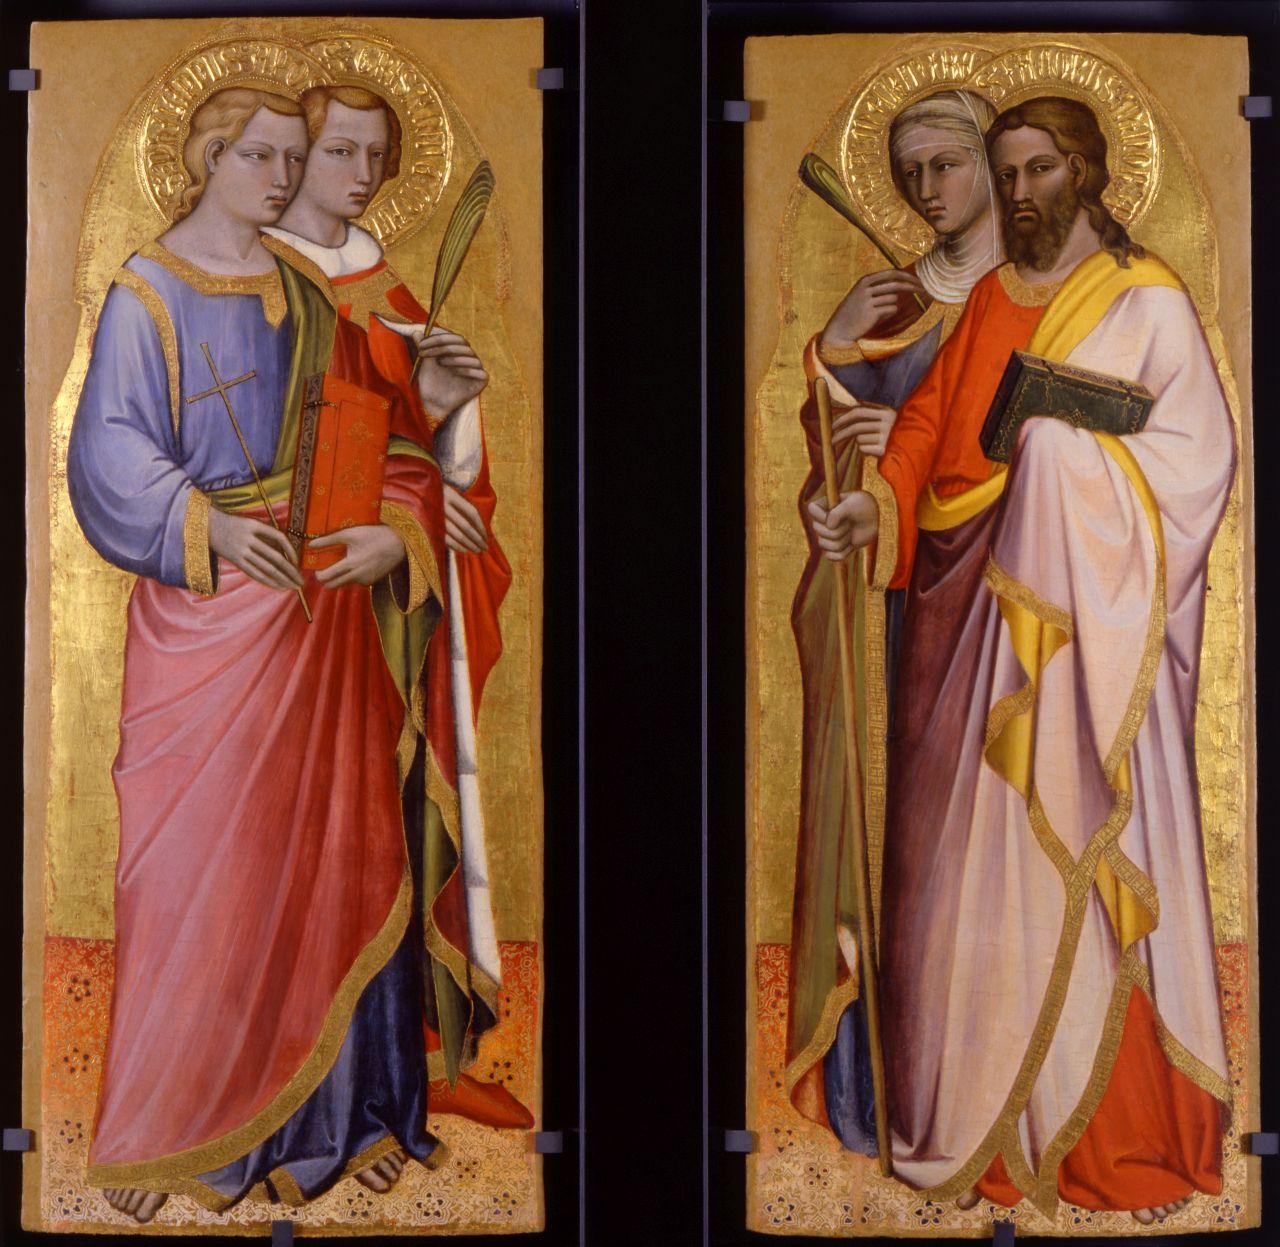 Filippo apostolo e Grisante martire; a destra, i Santi Daria martire e Giacomo minore apostolo